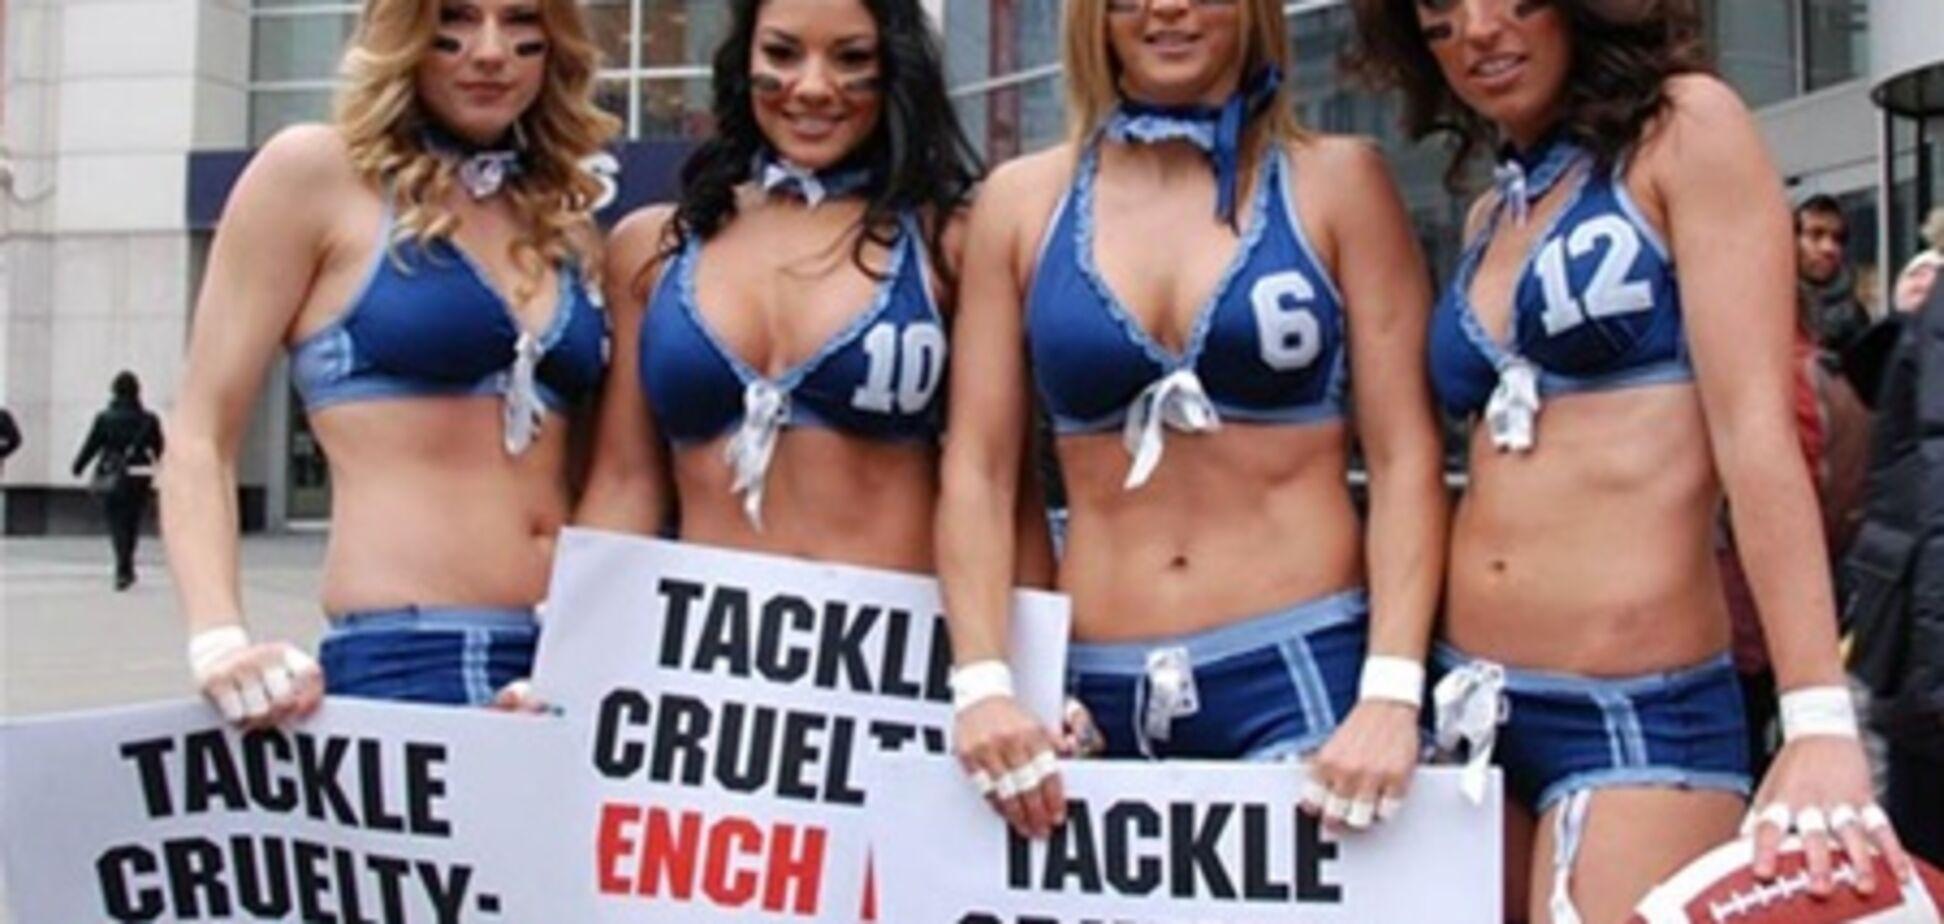 Футболистки разделись в поддержку животных. Фото